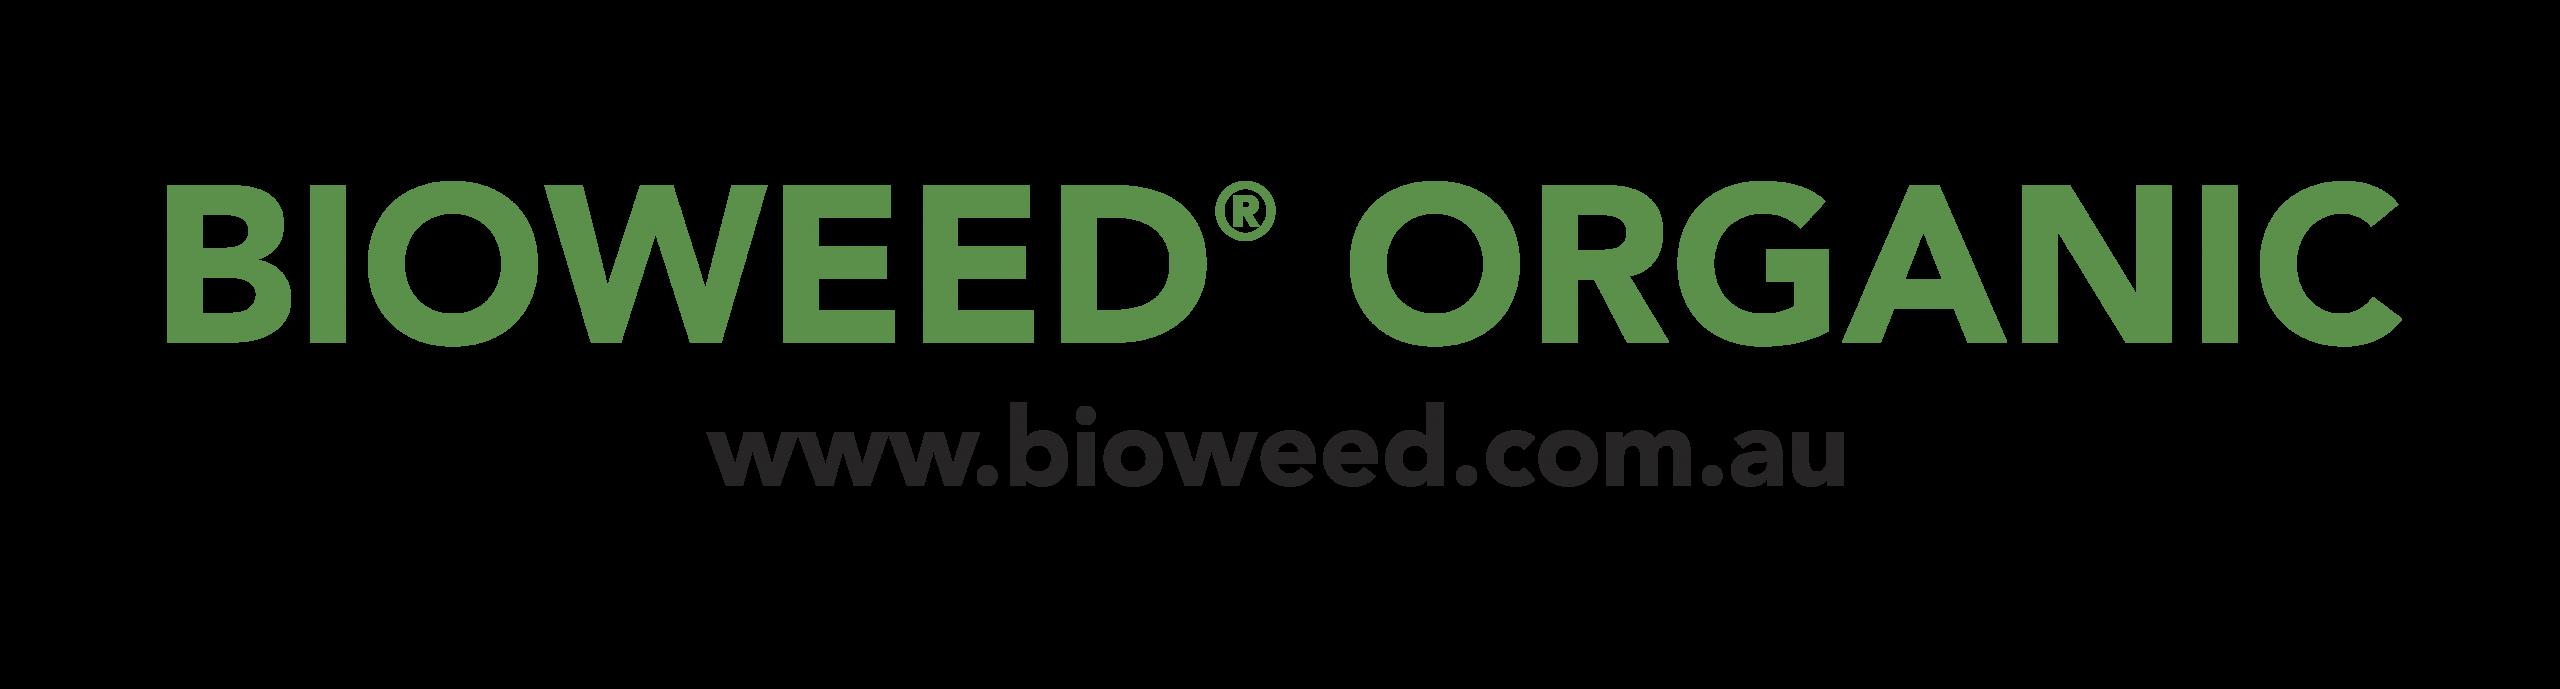 Bioweed Organic